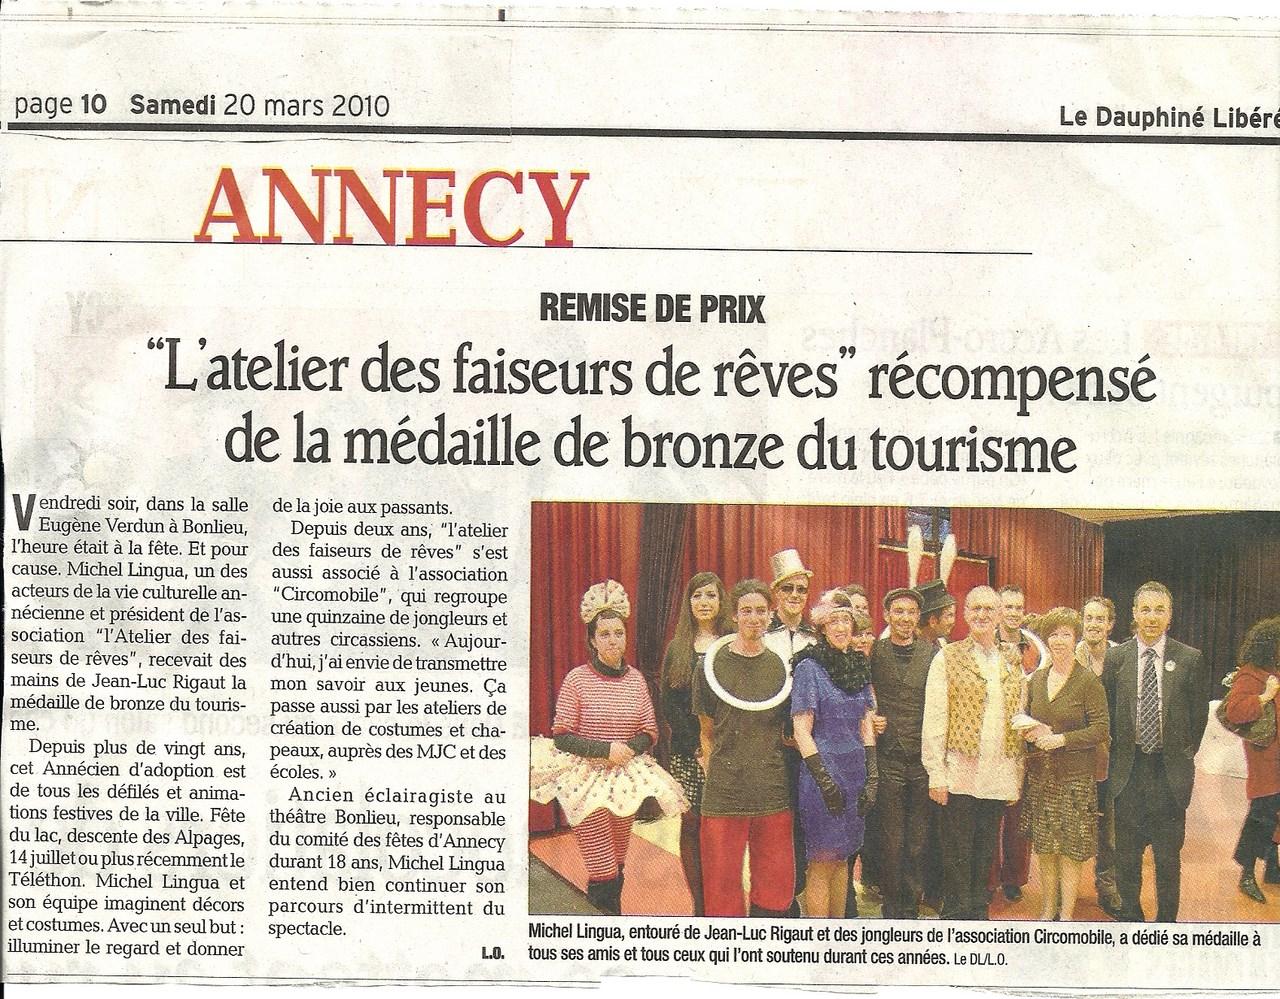 médaille_du_tourisme_faiseur_de_reve_annecy